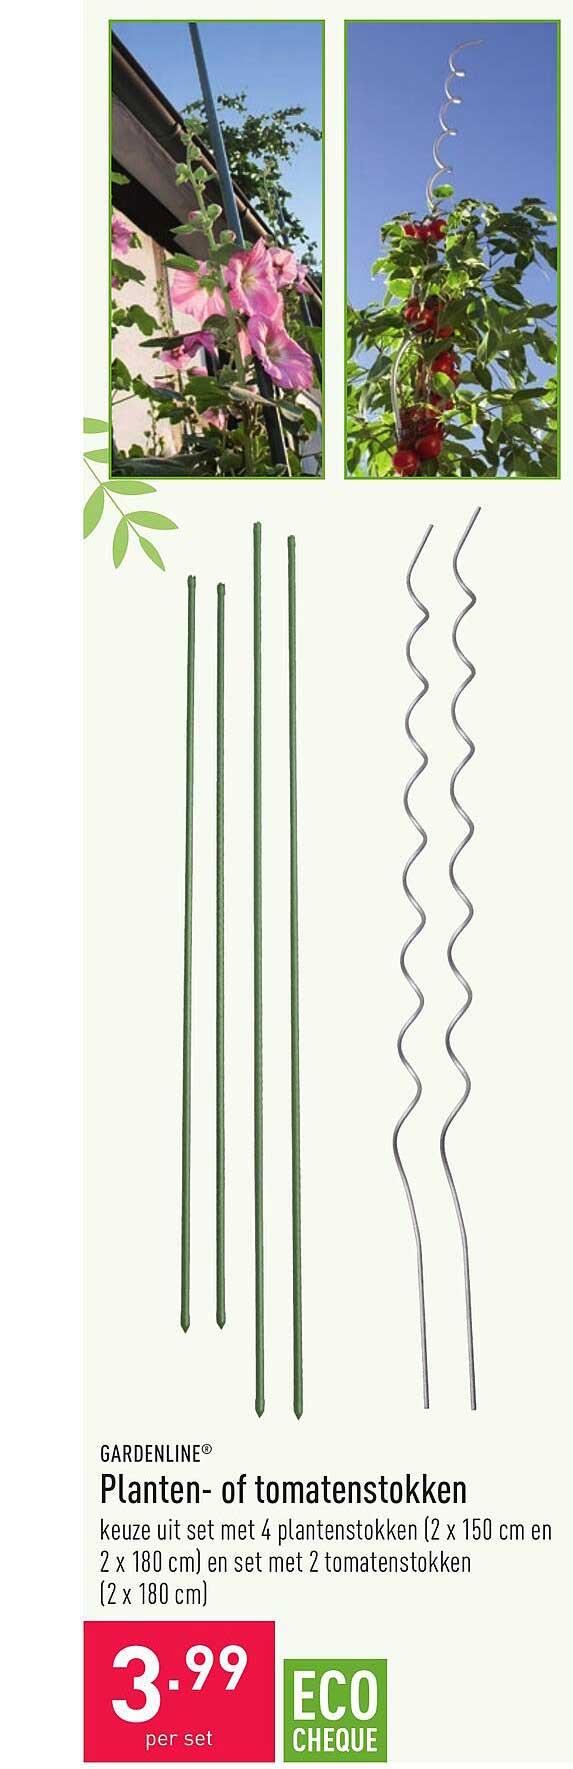 ALDI Gardenline Planten- Of Tomatenstokken